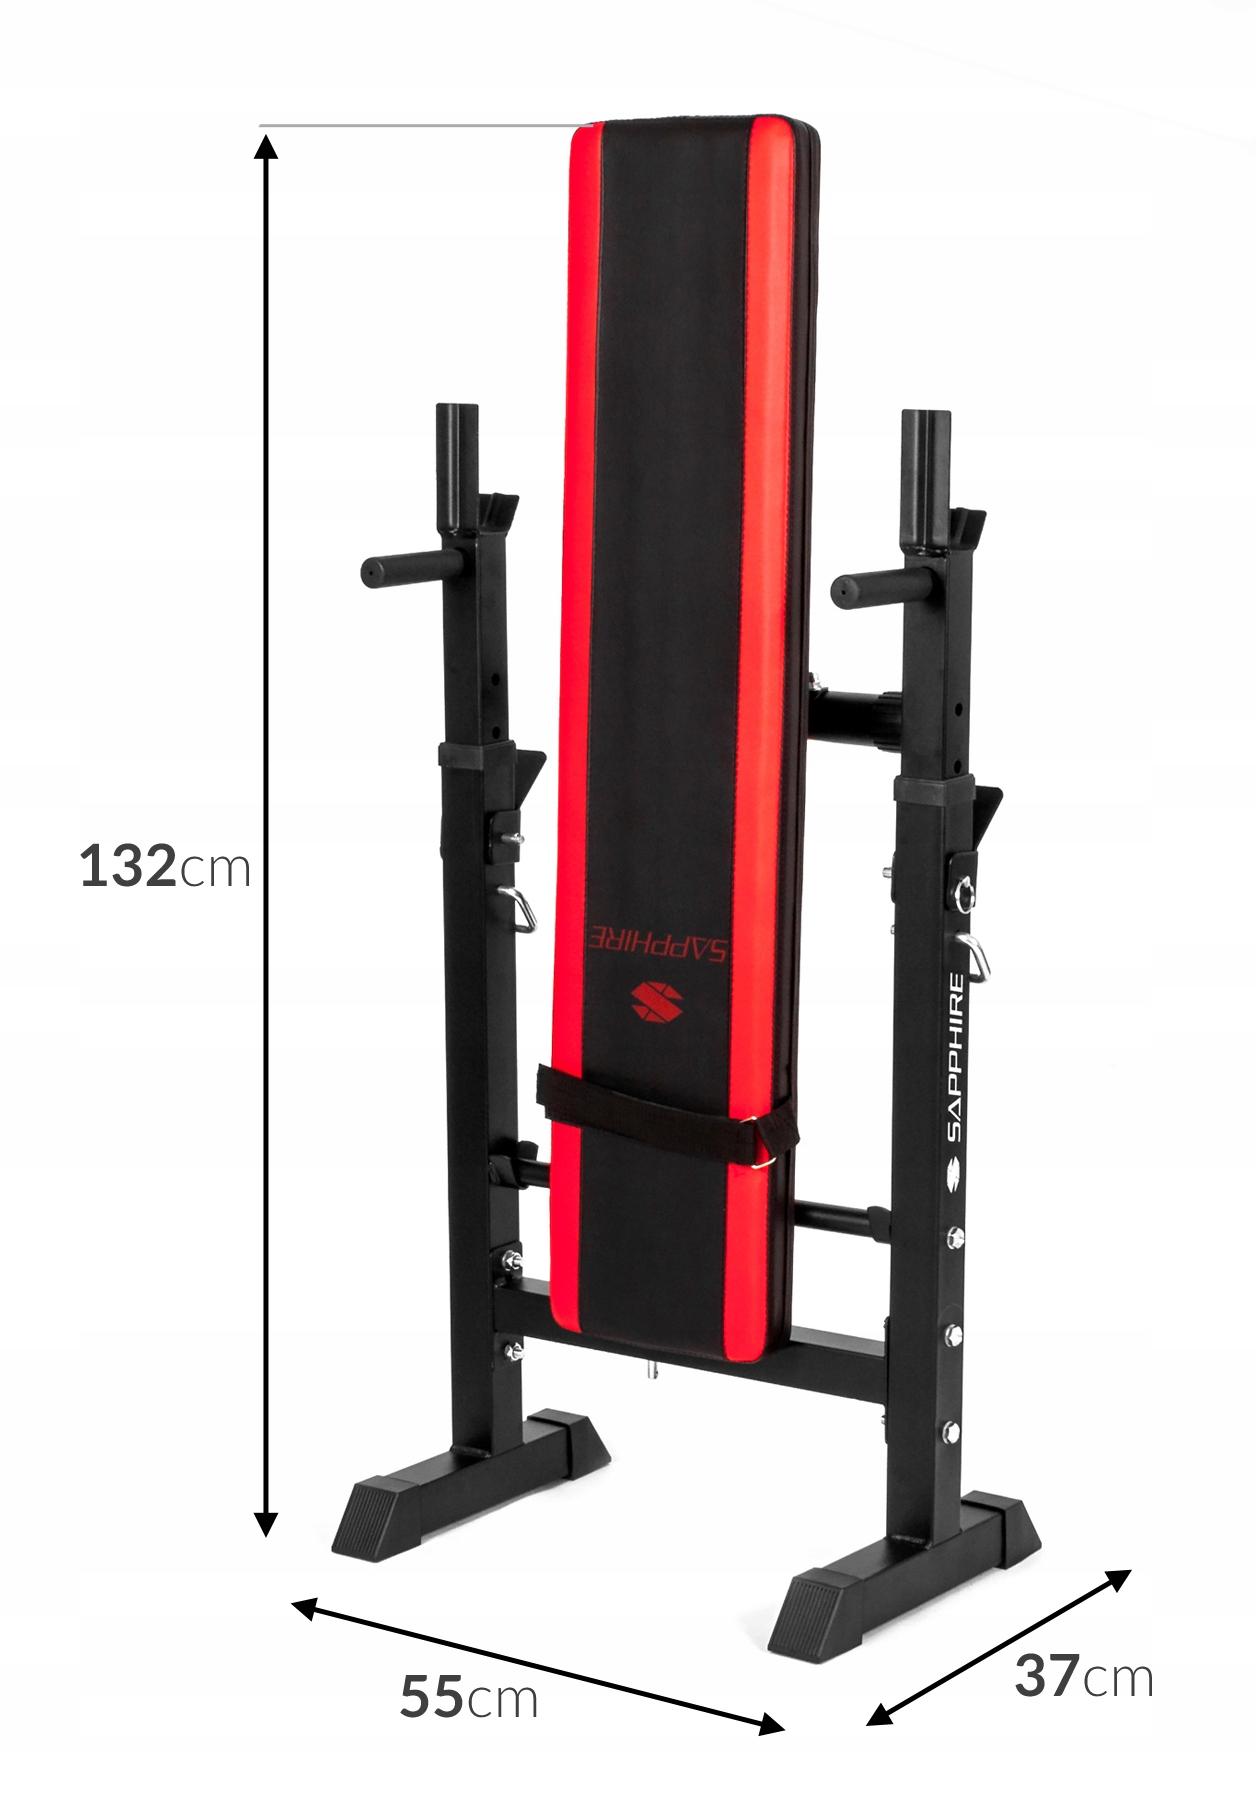 XYLO siłownia 46 kg zestaw ŁAWKA+GRYF+OBCIĄŻENIA Wyposażenie dodatkowe stojaki brak